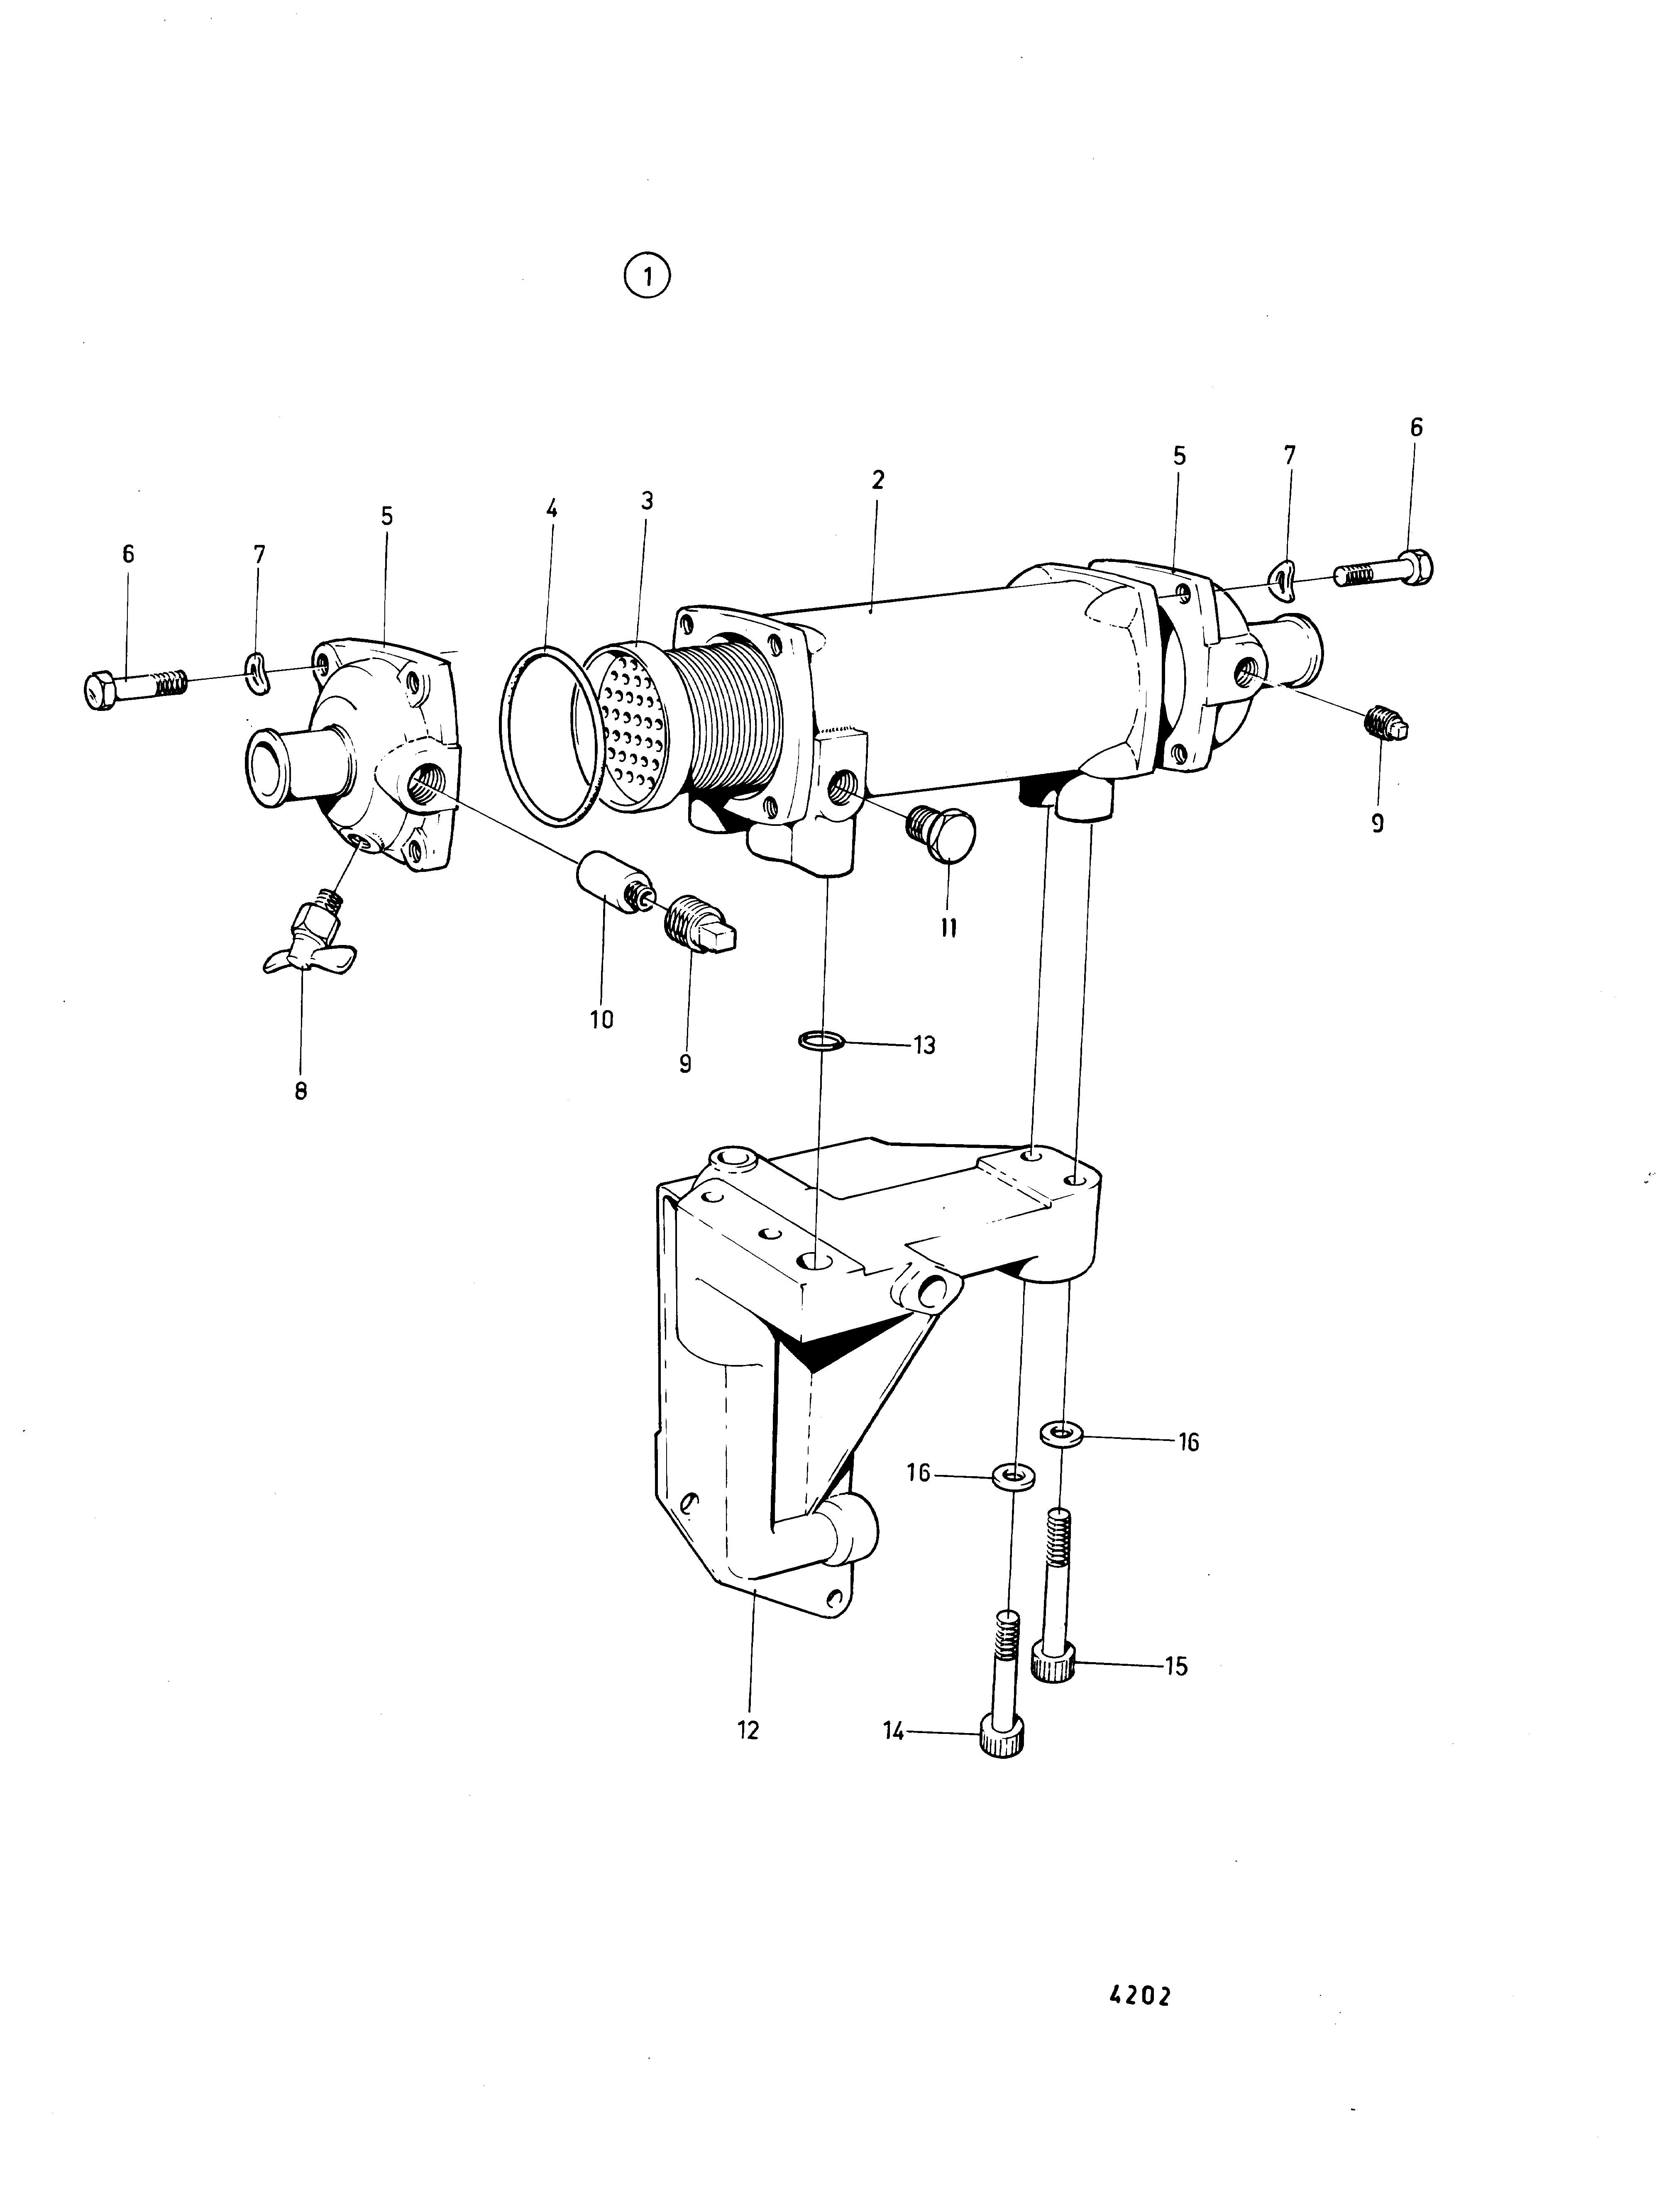 Diesel Turbo Diagram Volvo Penta Cooling System Of Diesel Turbo Diagram